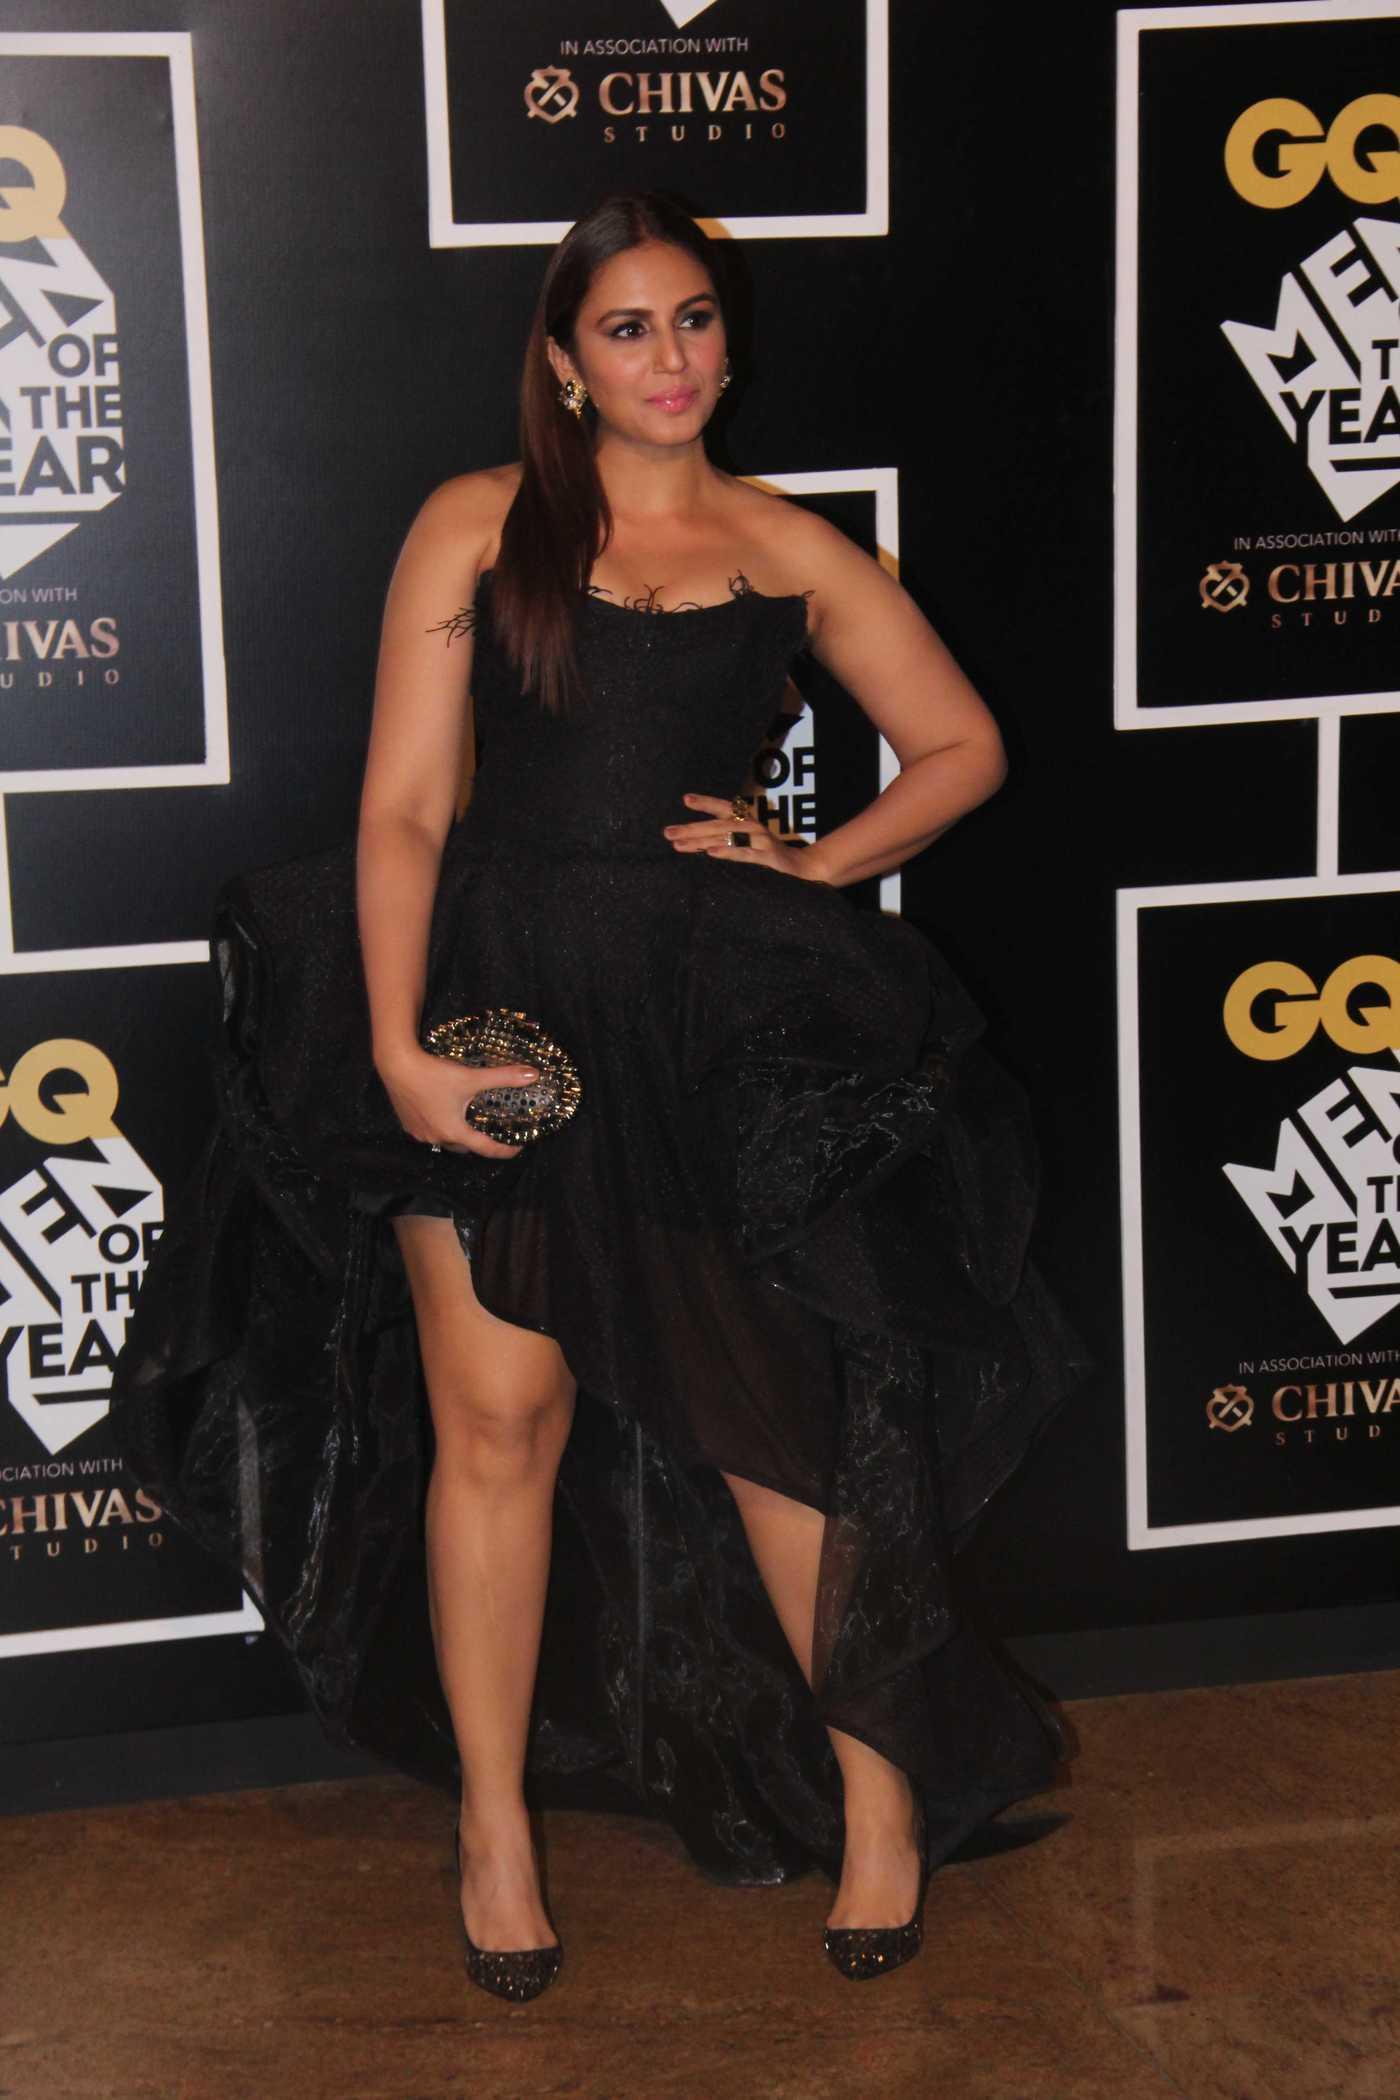 Huma Qureshi at the GQ India's Men of the Year Awards in Mumbai 09/27/2016